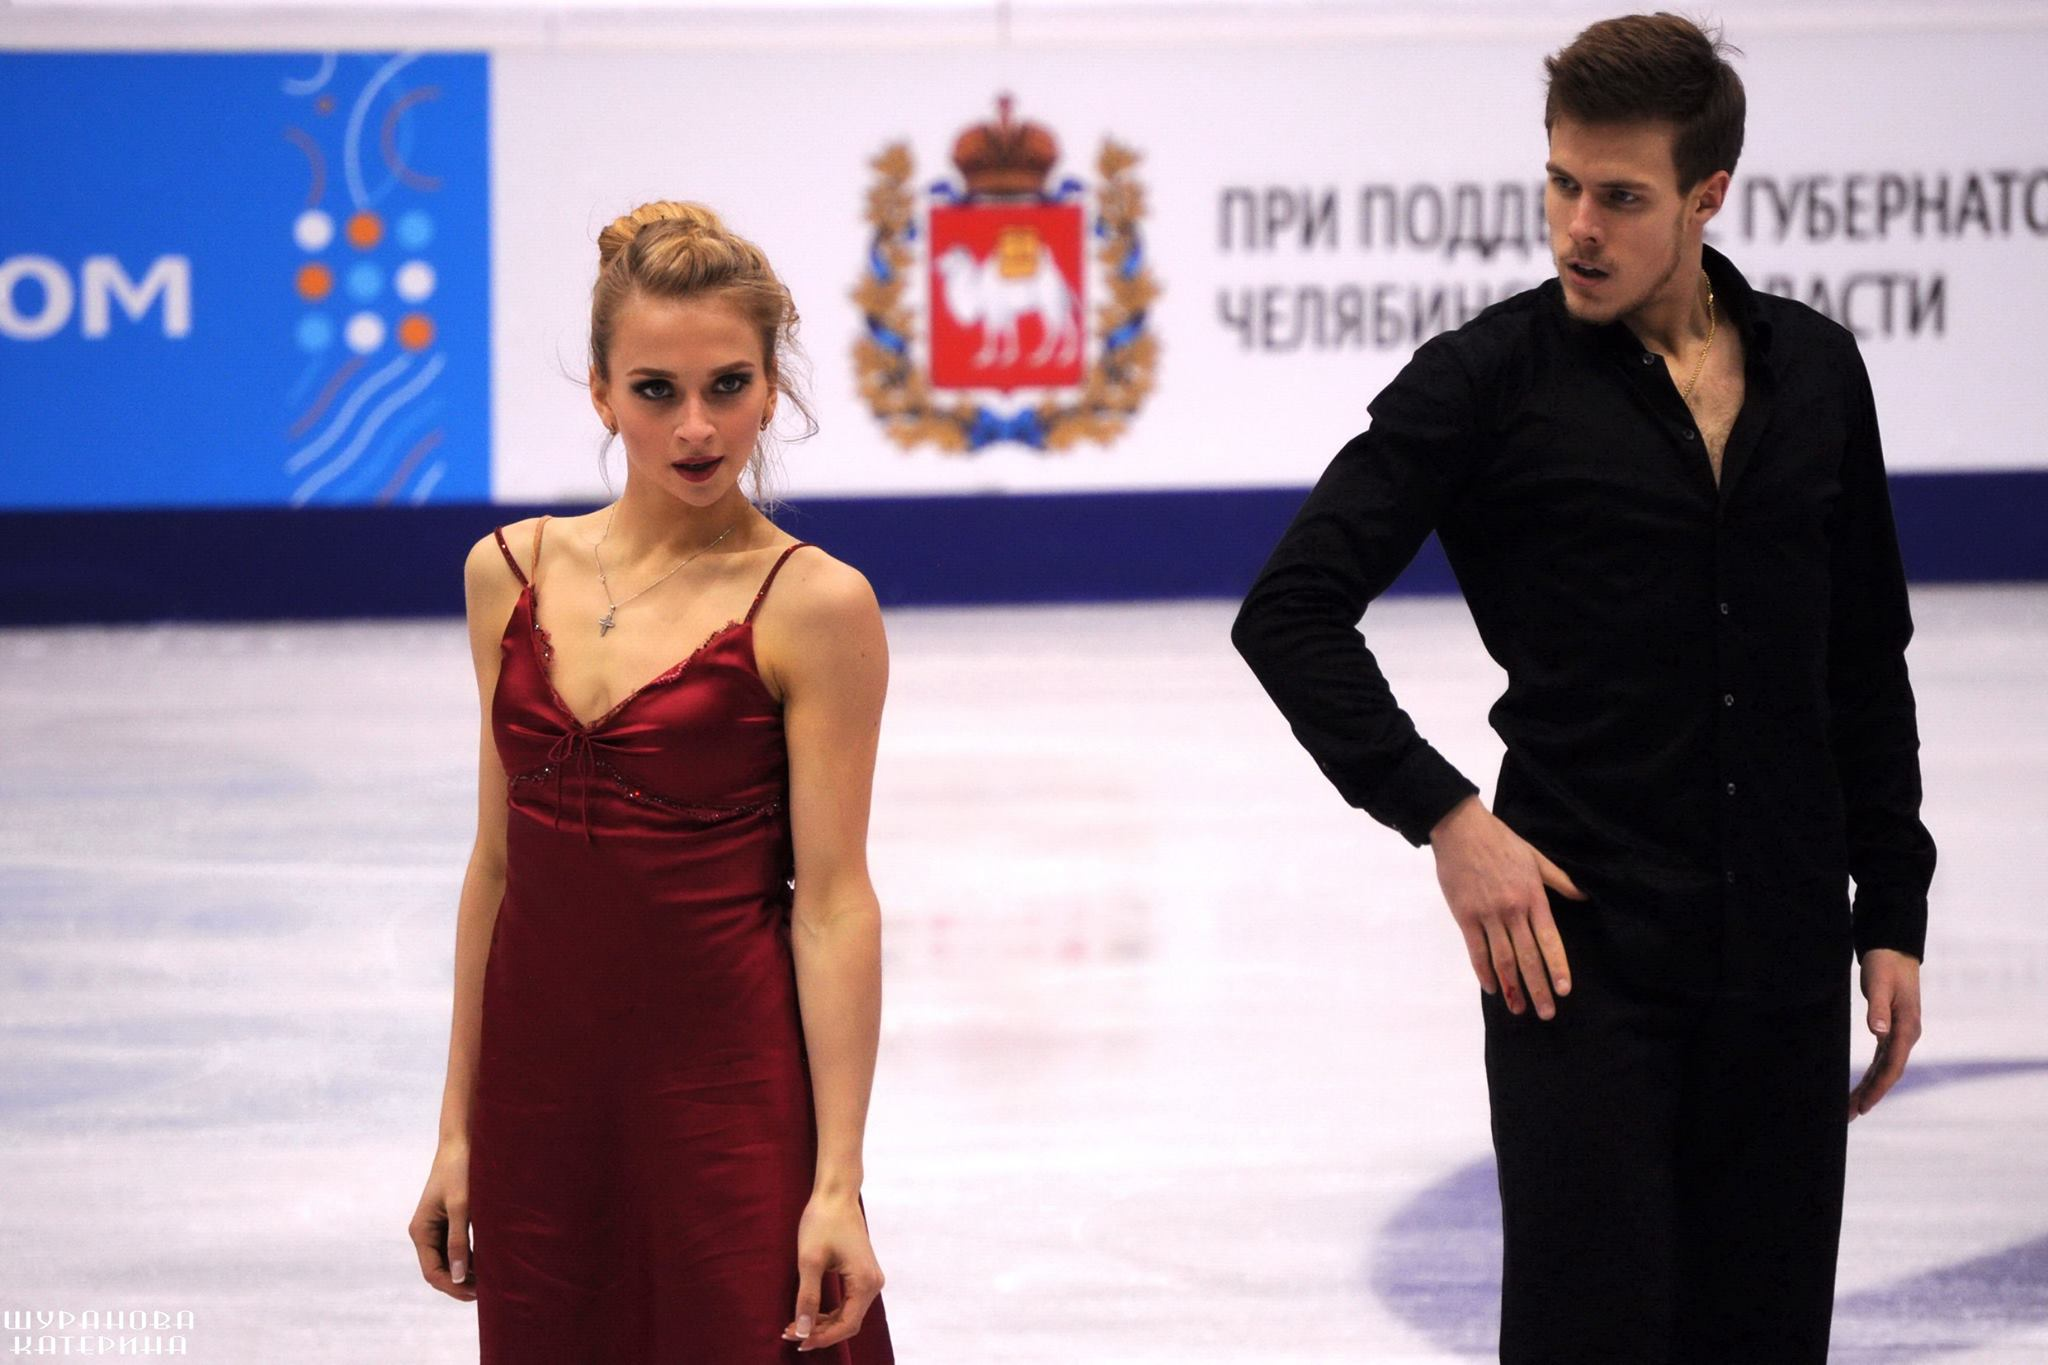 Виктория Синицина - Никита Кацалапов - 6 WhWun95I8_g